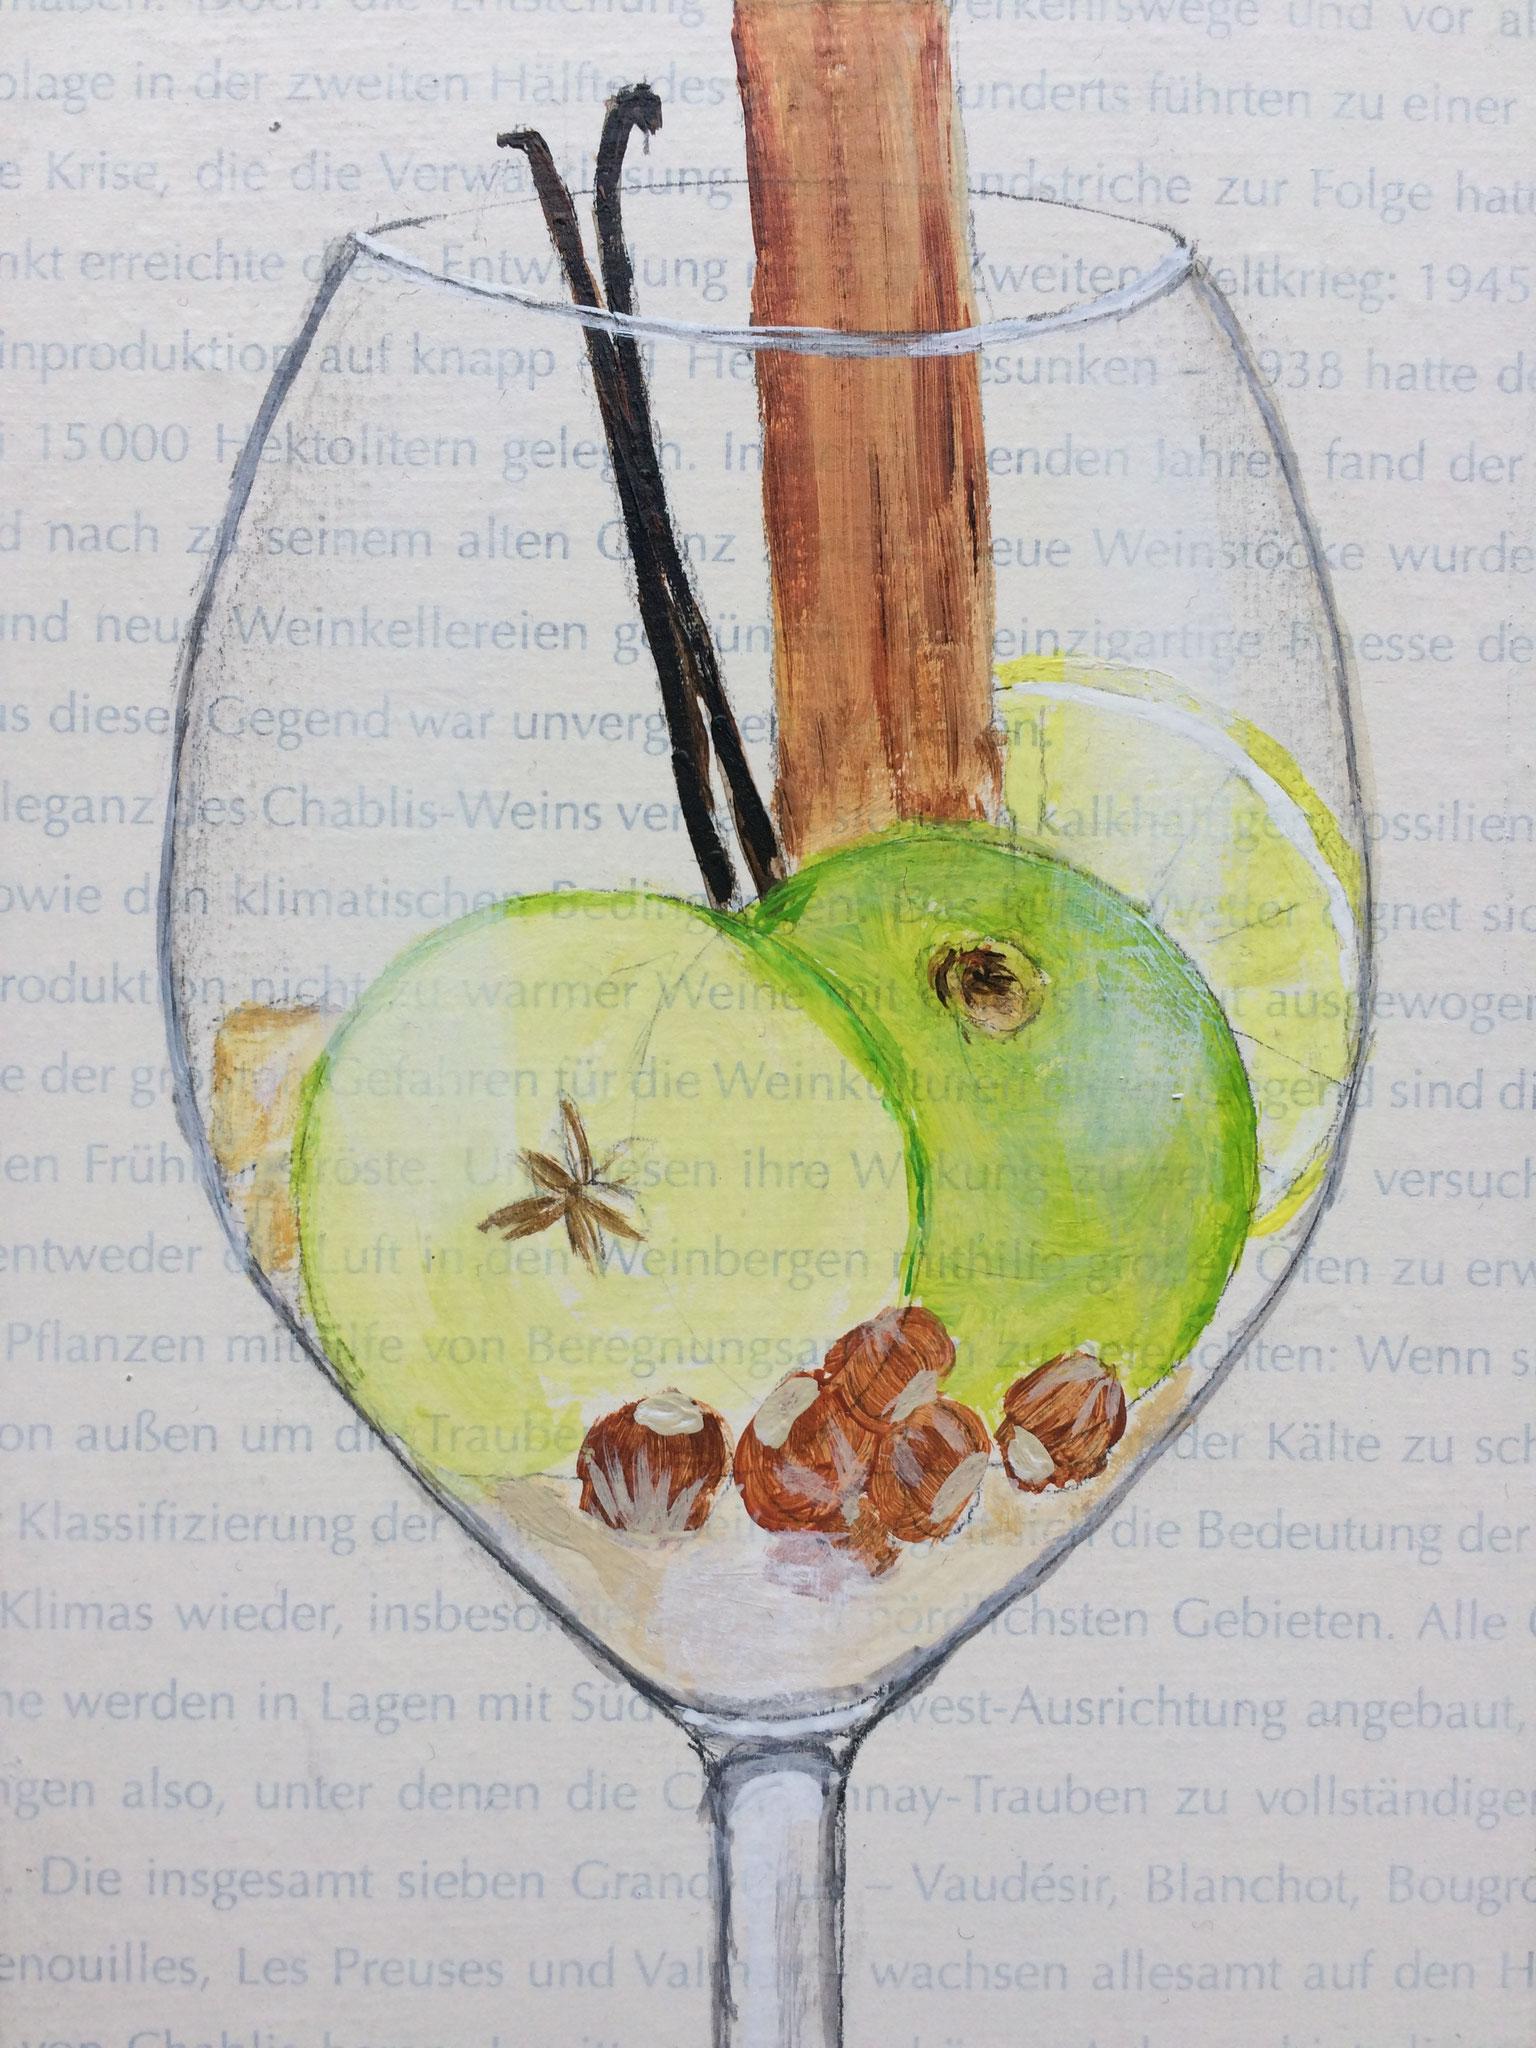 Chablis: Chardonnay